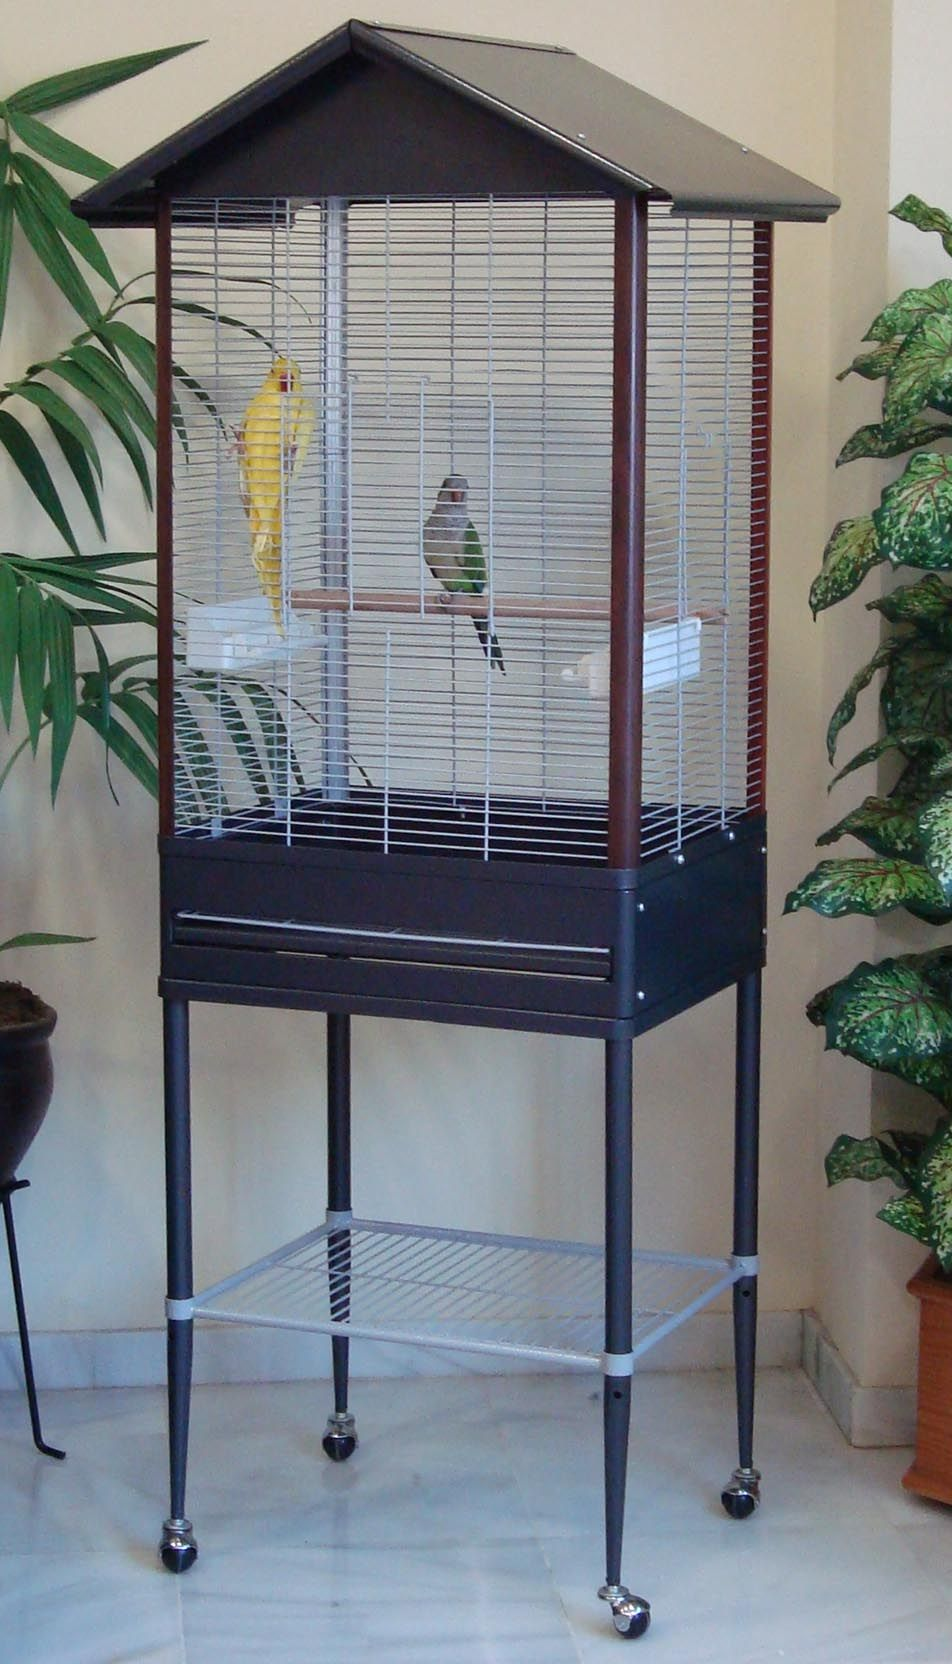 Venta Online De Jaulas Y Accesorios Para Aves Pajareras Loritos 812 Pajareras Es Tienda On Line De Jaulas Y Accesorio Jaula Para Loros Jaulas Ninfas Aves